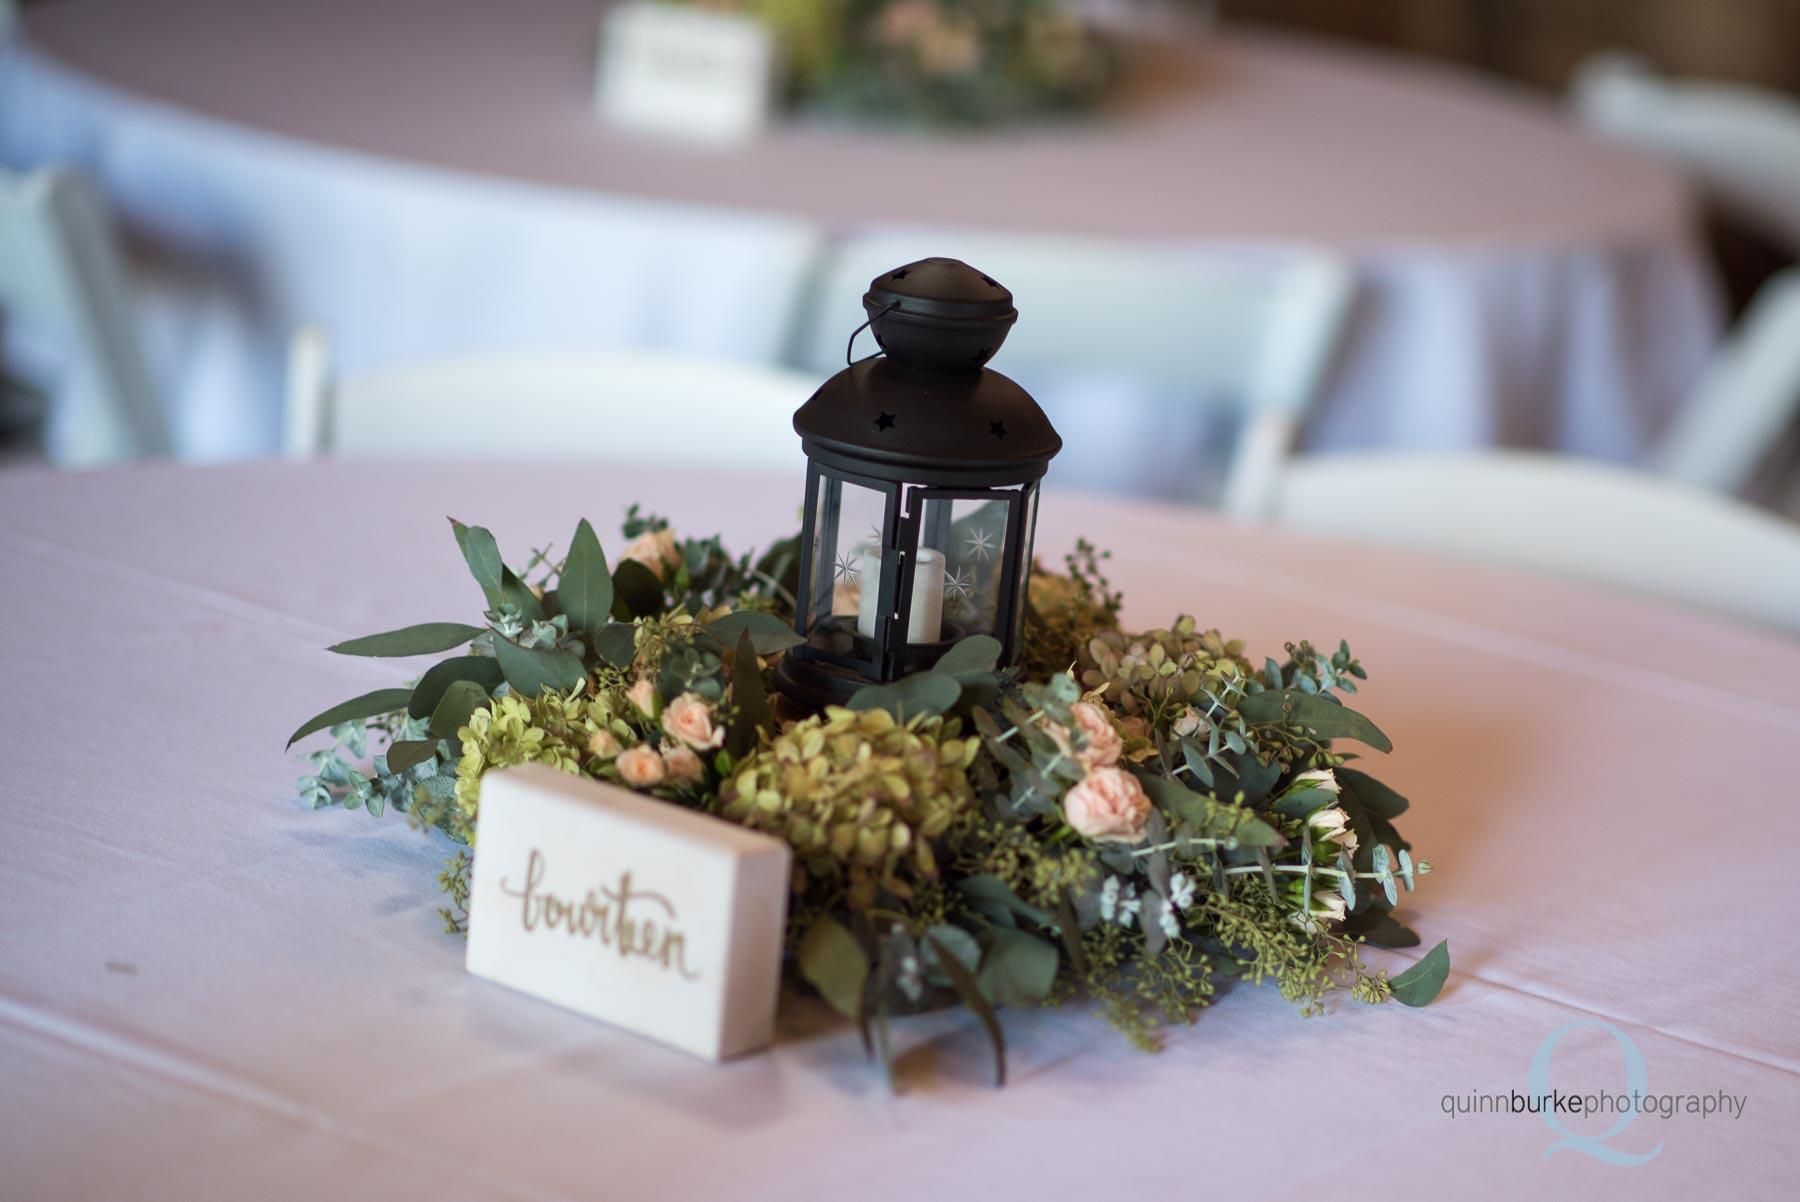 Perryhill Farm wedding table setting